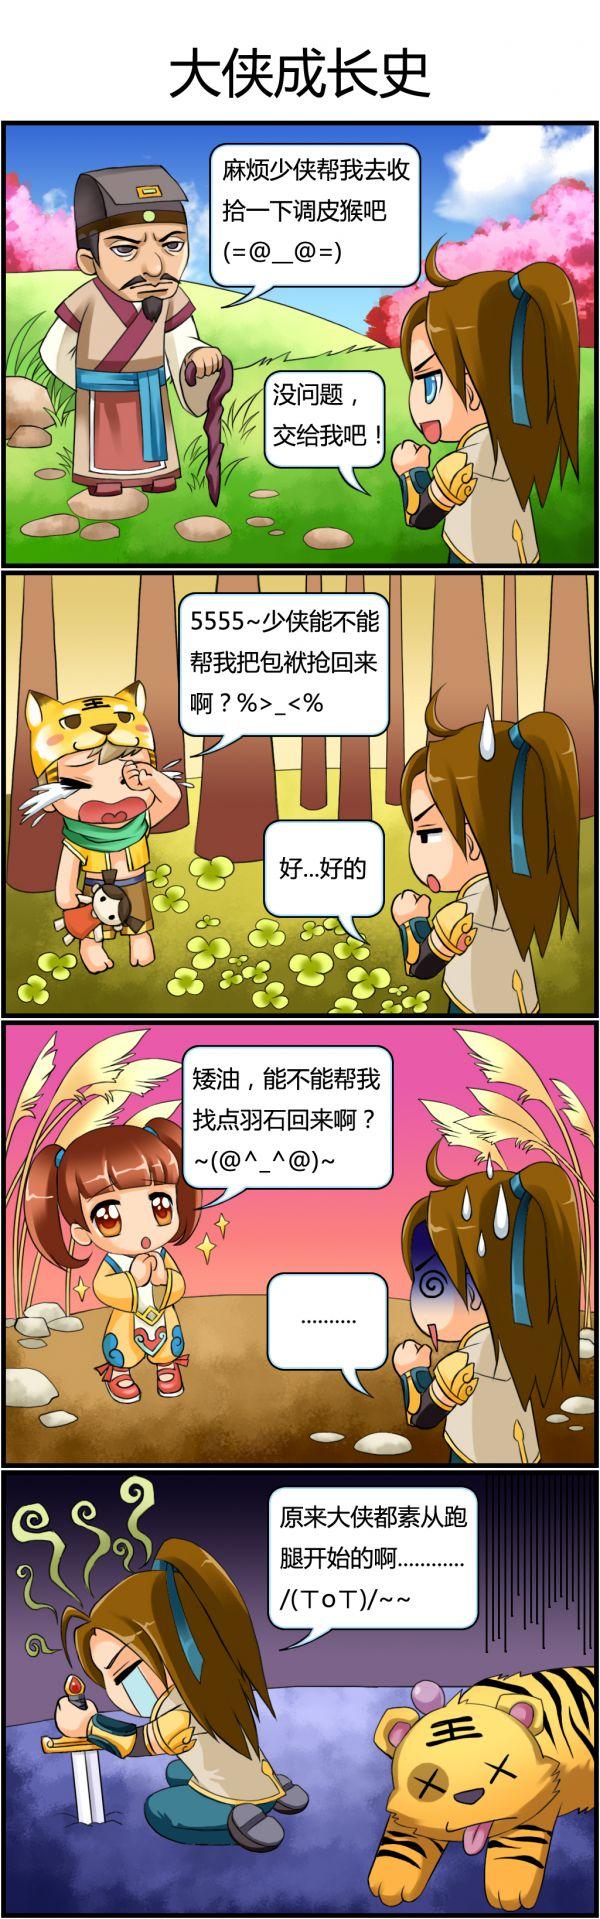 《麻辣江湖》四格漫画